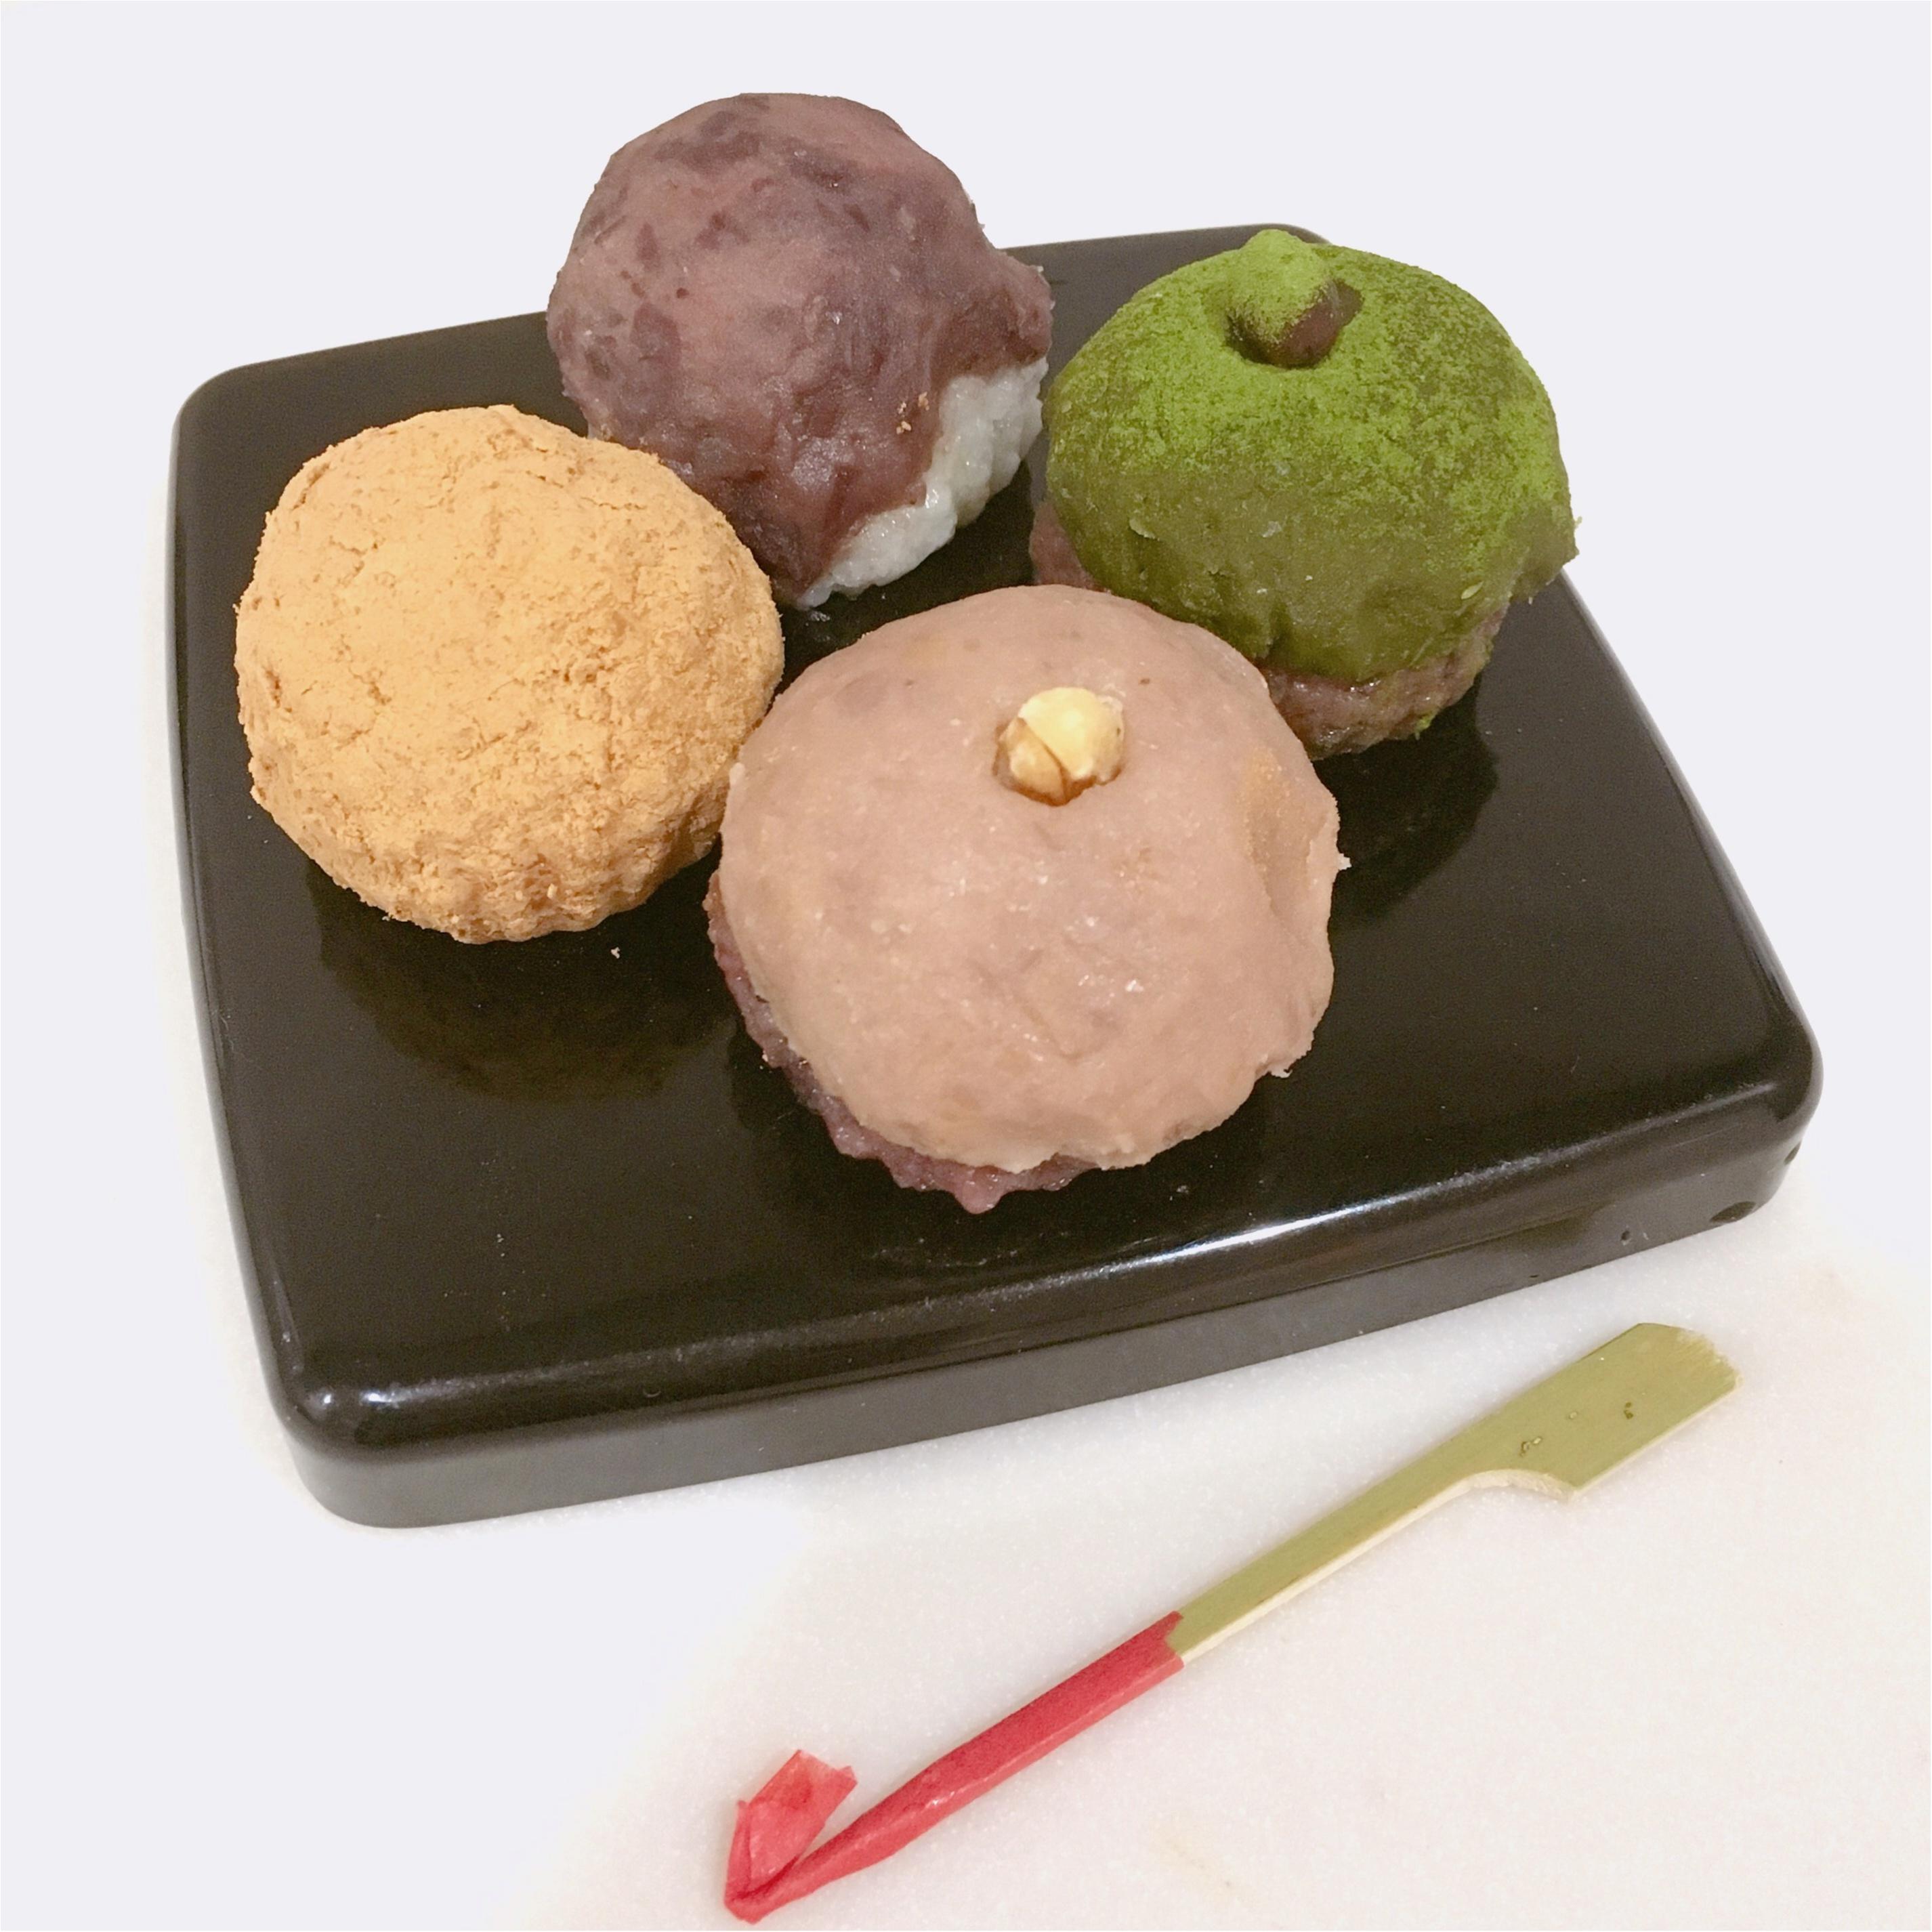 手土産にもぴったり♪人気和菓子店 《 森のおはぎ 》のオシャレなおはぎ♡_4